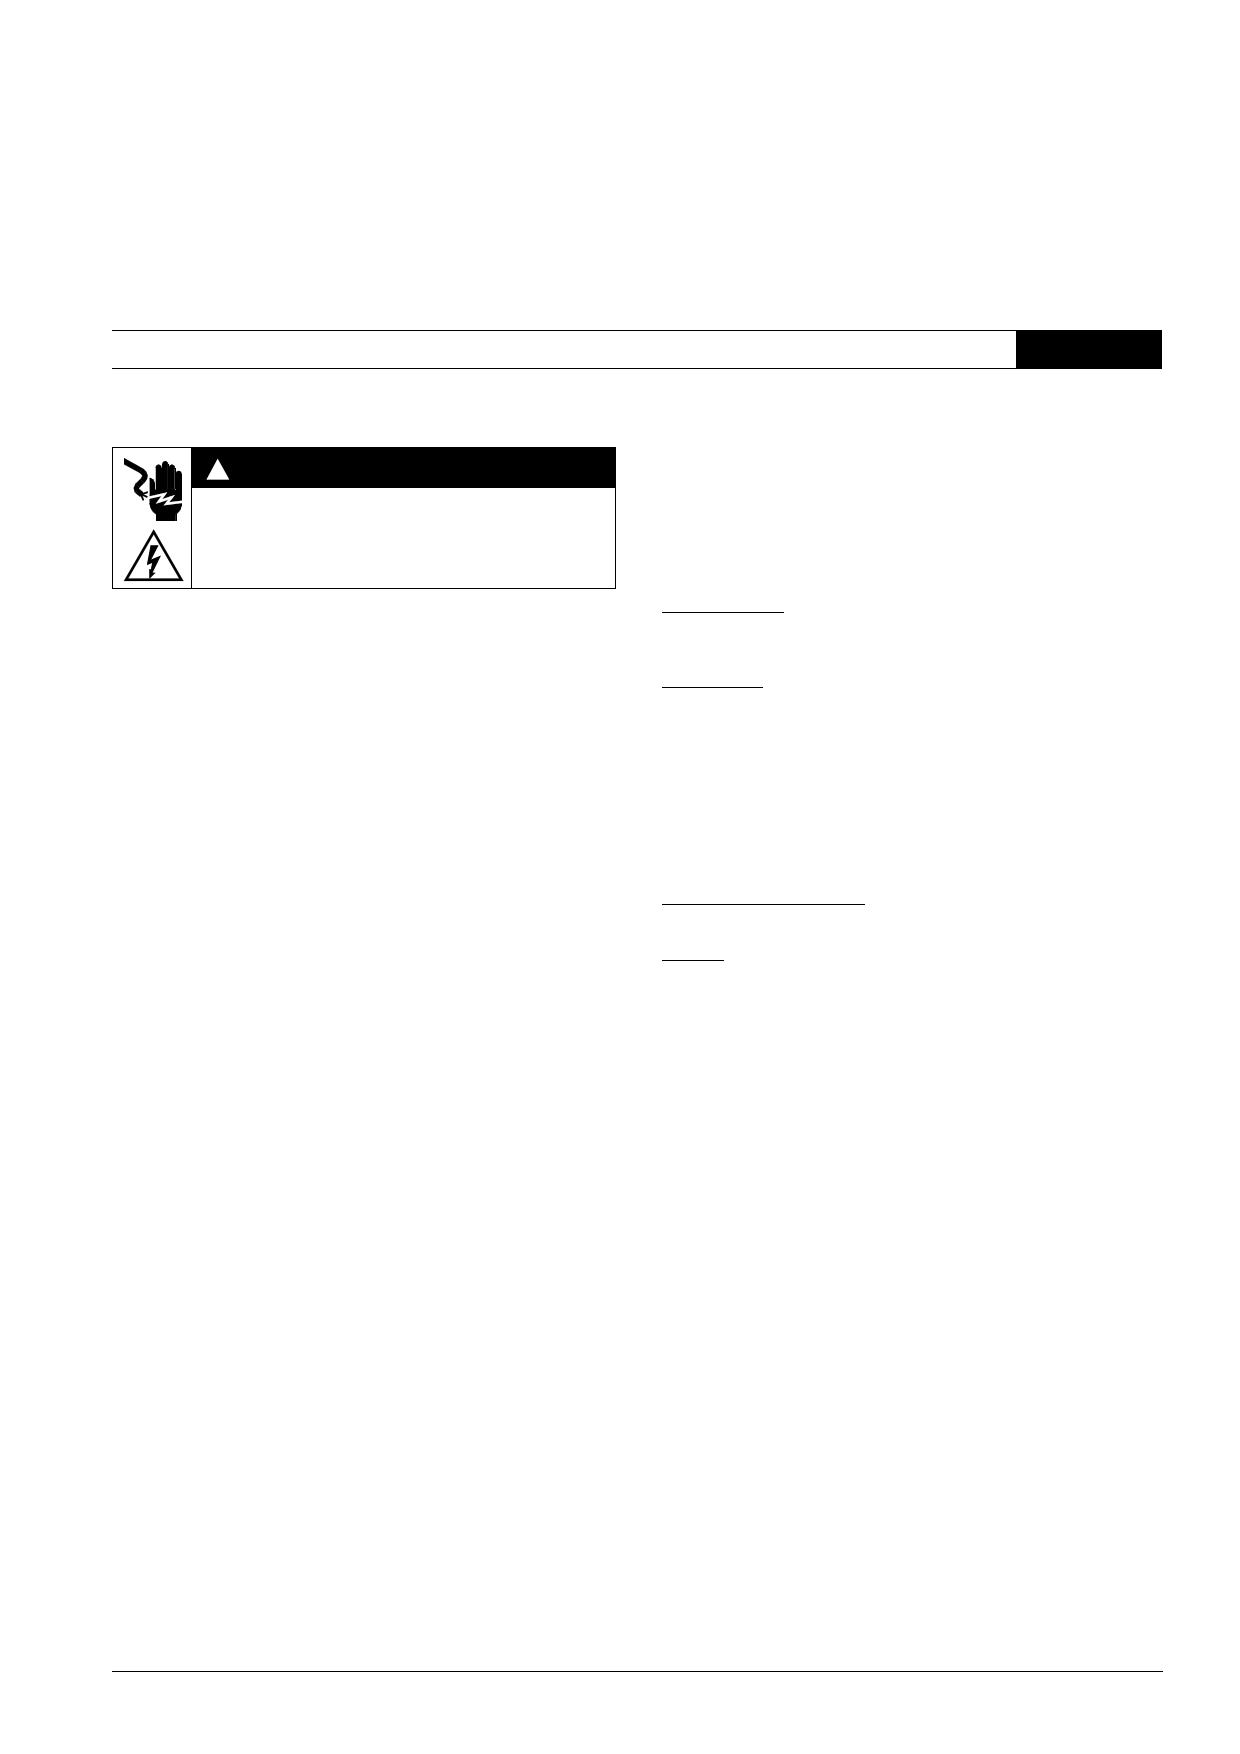 3TB5417-0B pdf, ピン配列